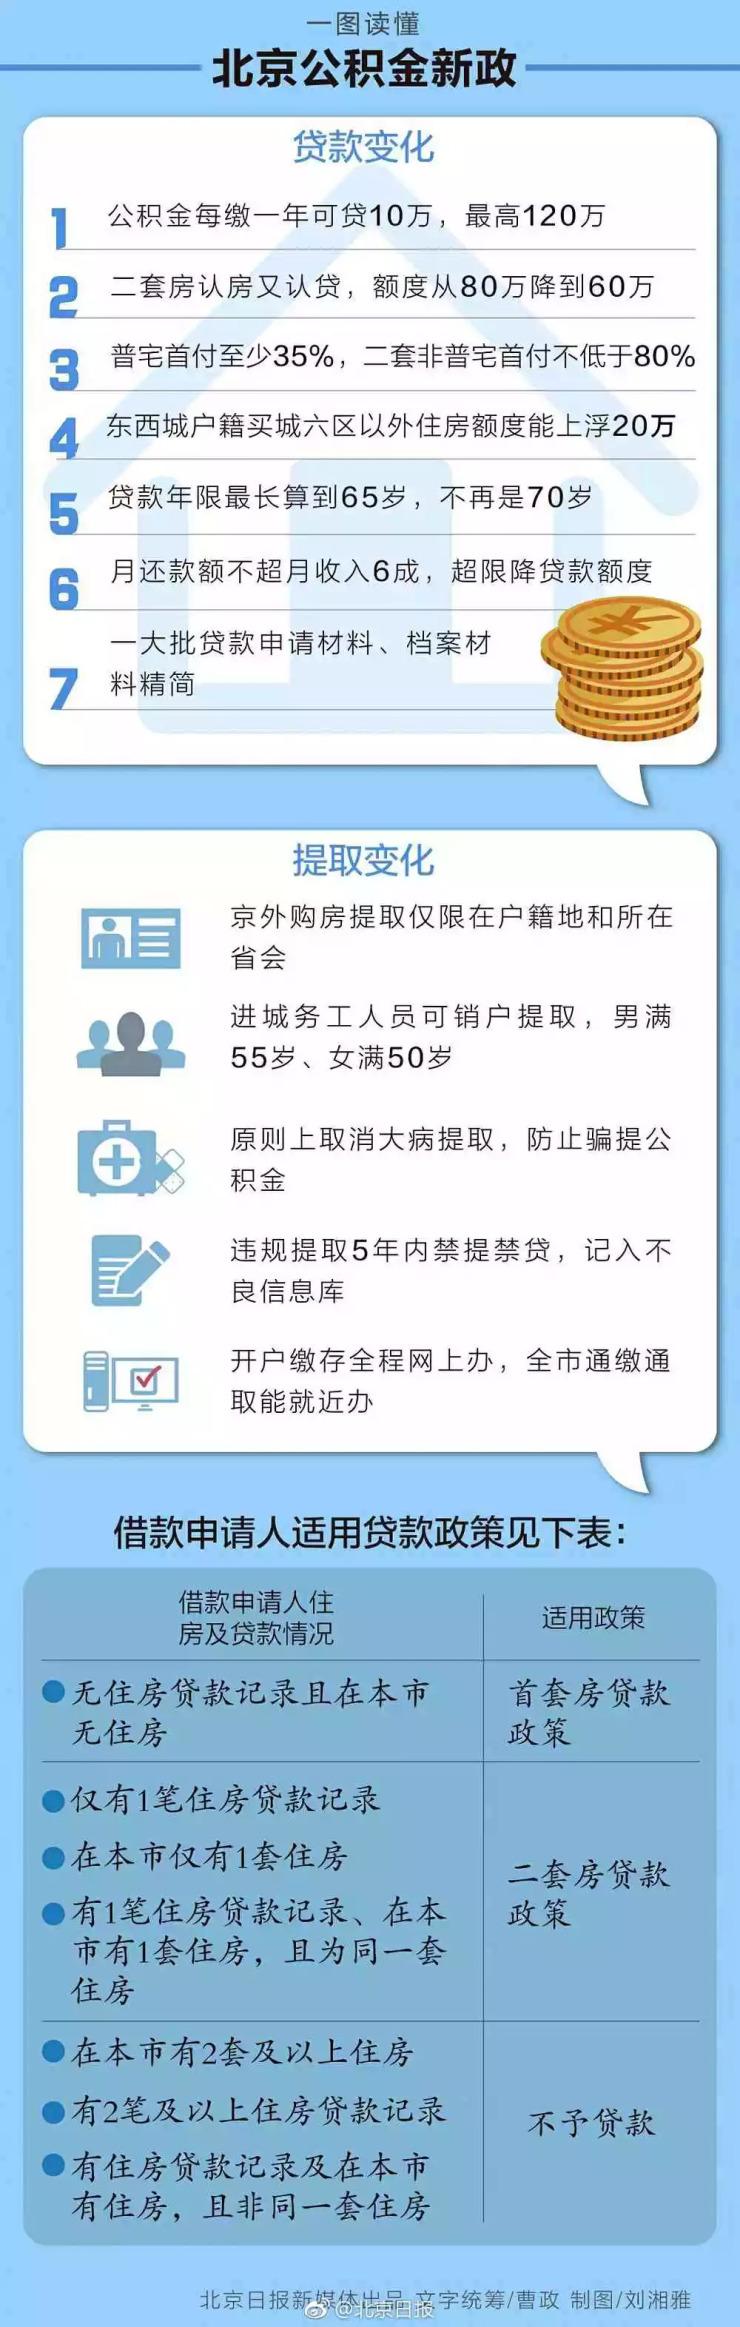 北京公积金重磅新政!认房又认贷 每缴1年可贷10万